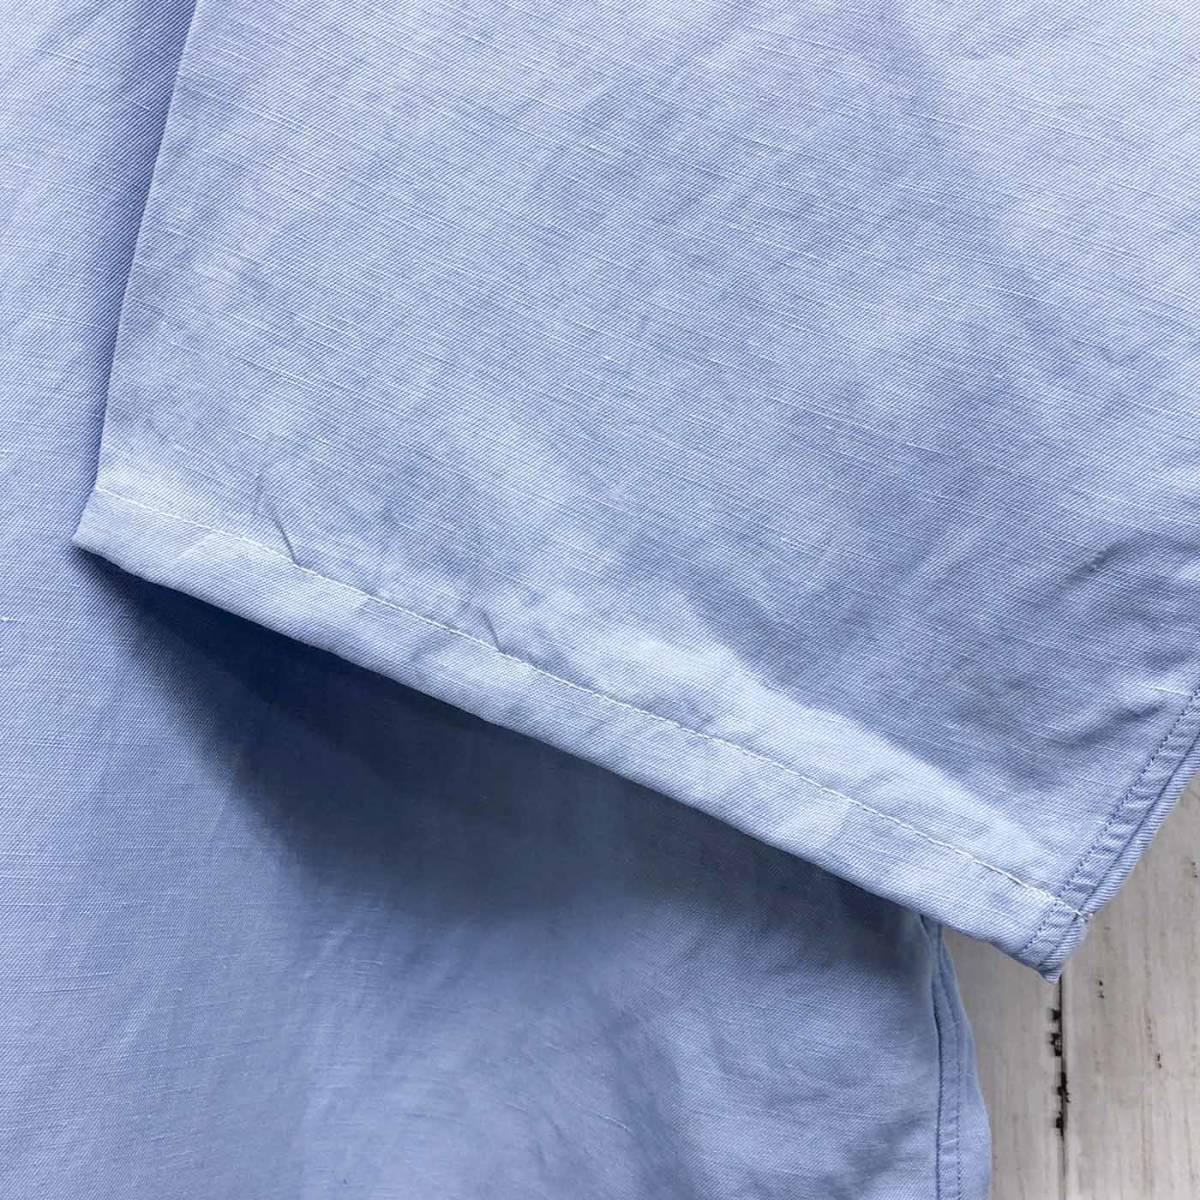 ラルフローレン POLO Ralph Lauren Polo 半袖シャツ 五分丈 メンズ ワンポイント XLサイズ 7-198_画像7